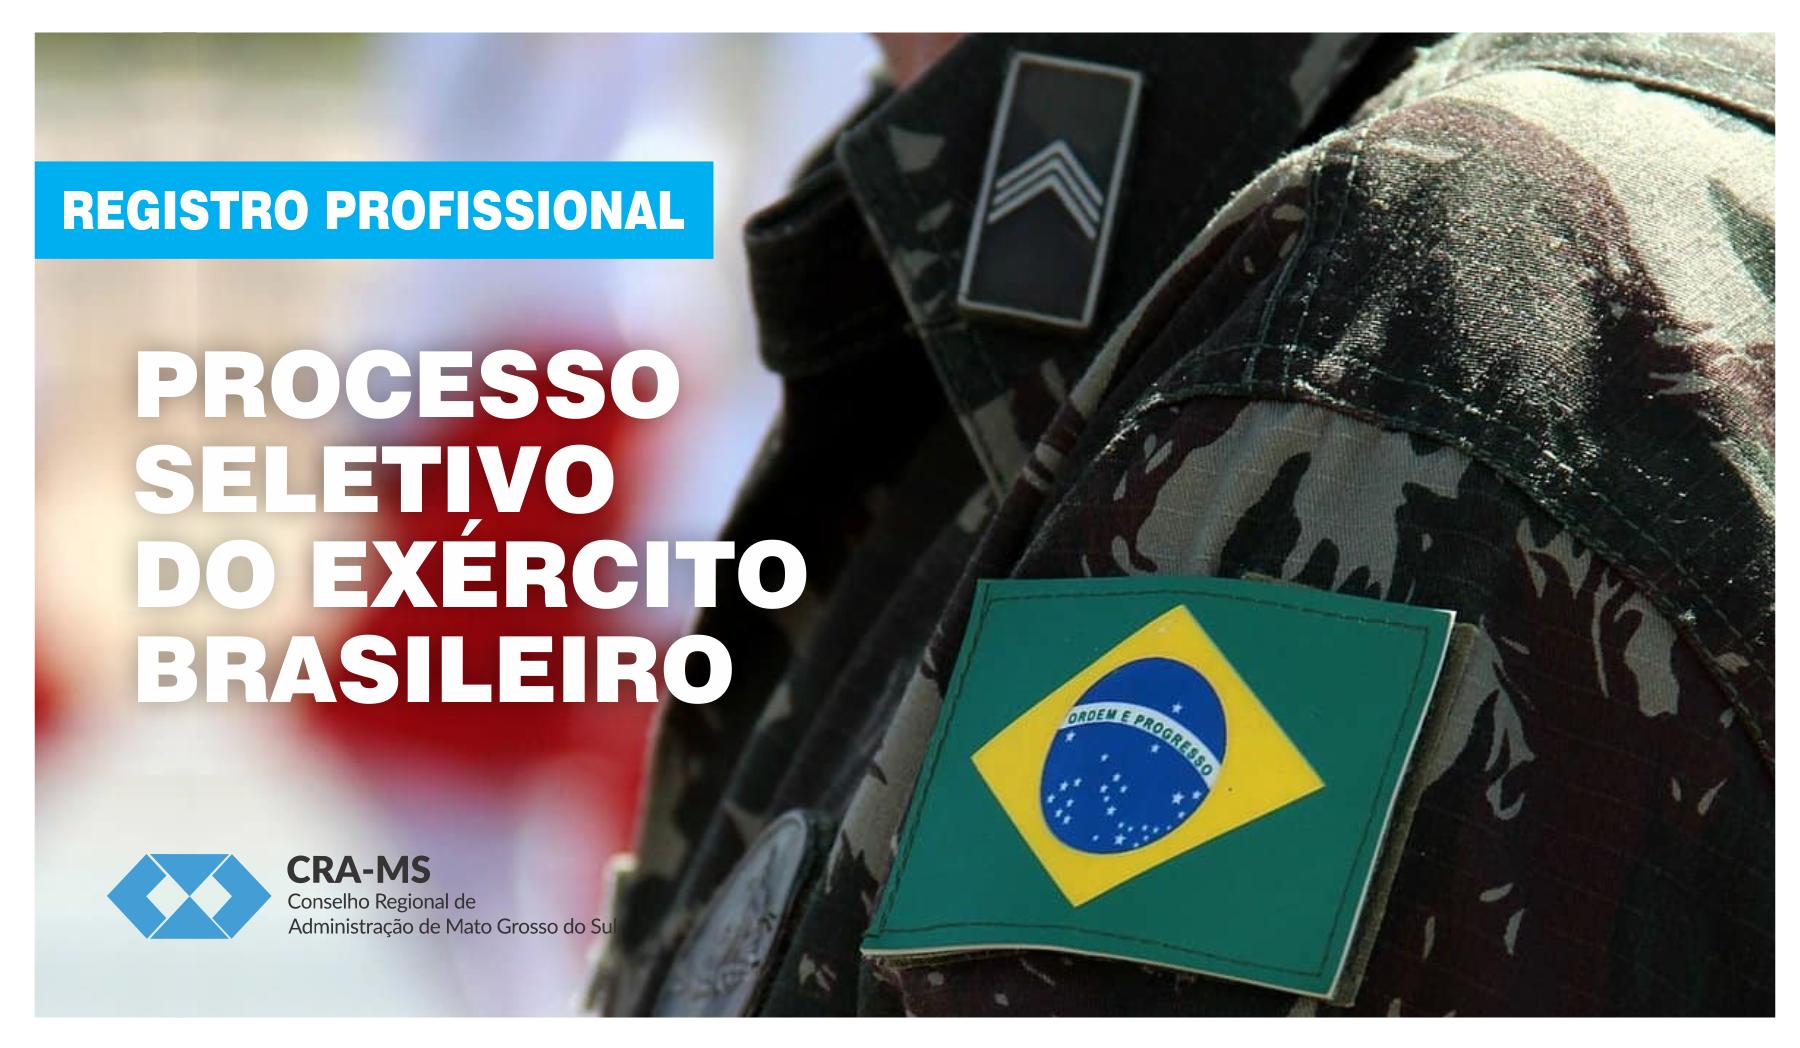 Registro profissional: Exército Brasileiro inicia inscrições para processo seletivo